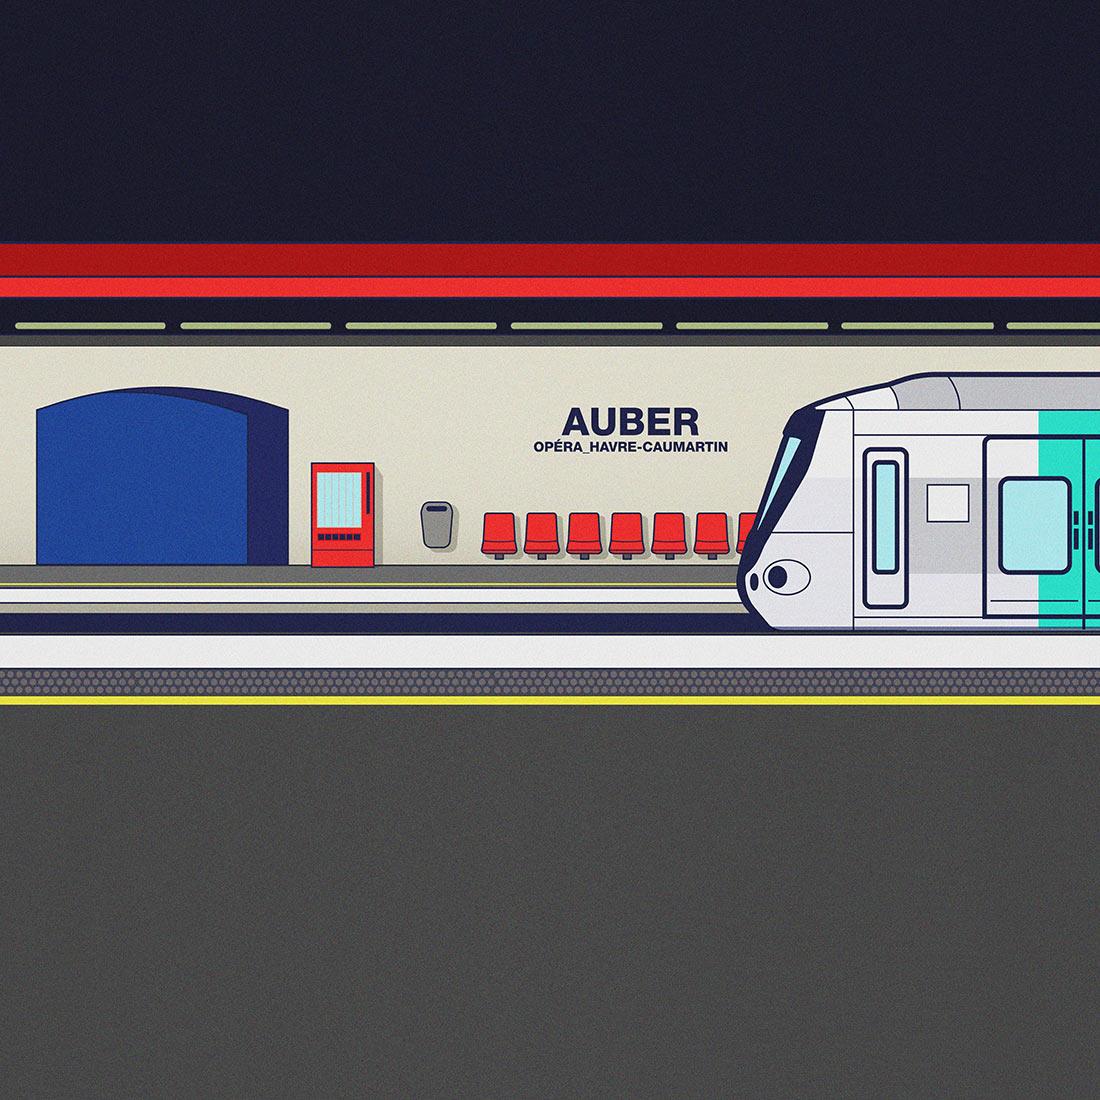 RATP Auber